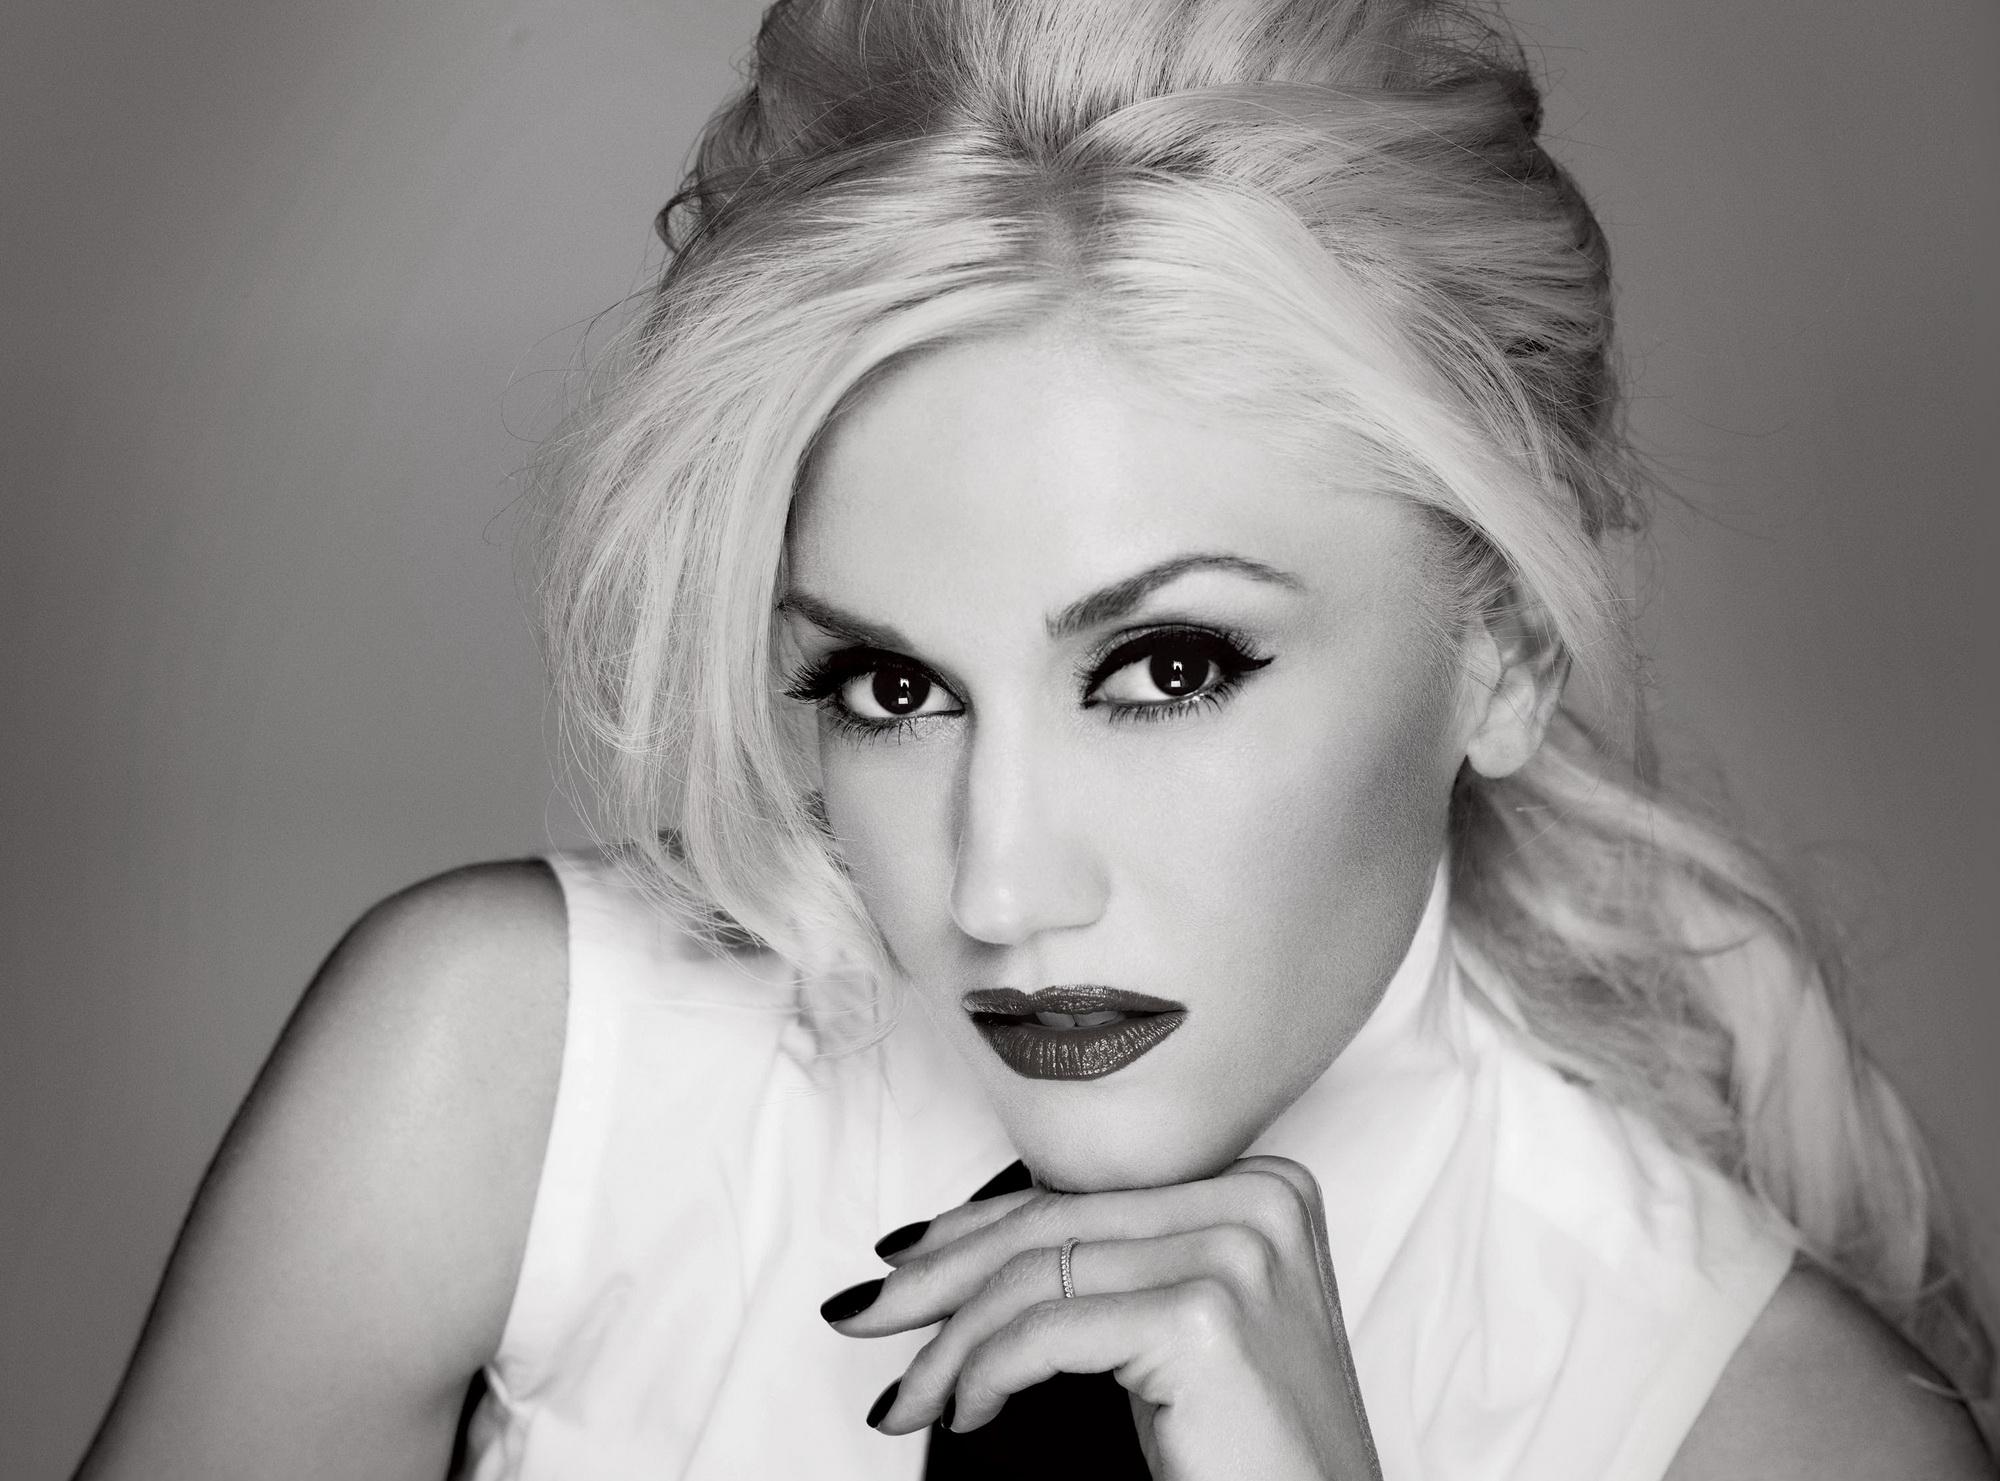 принял предложение картинки блондинки в черно белом цвете бичами кровь хлестала